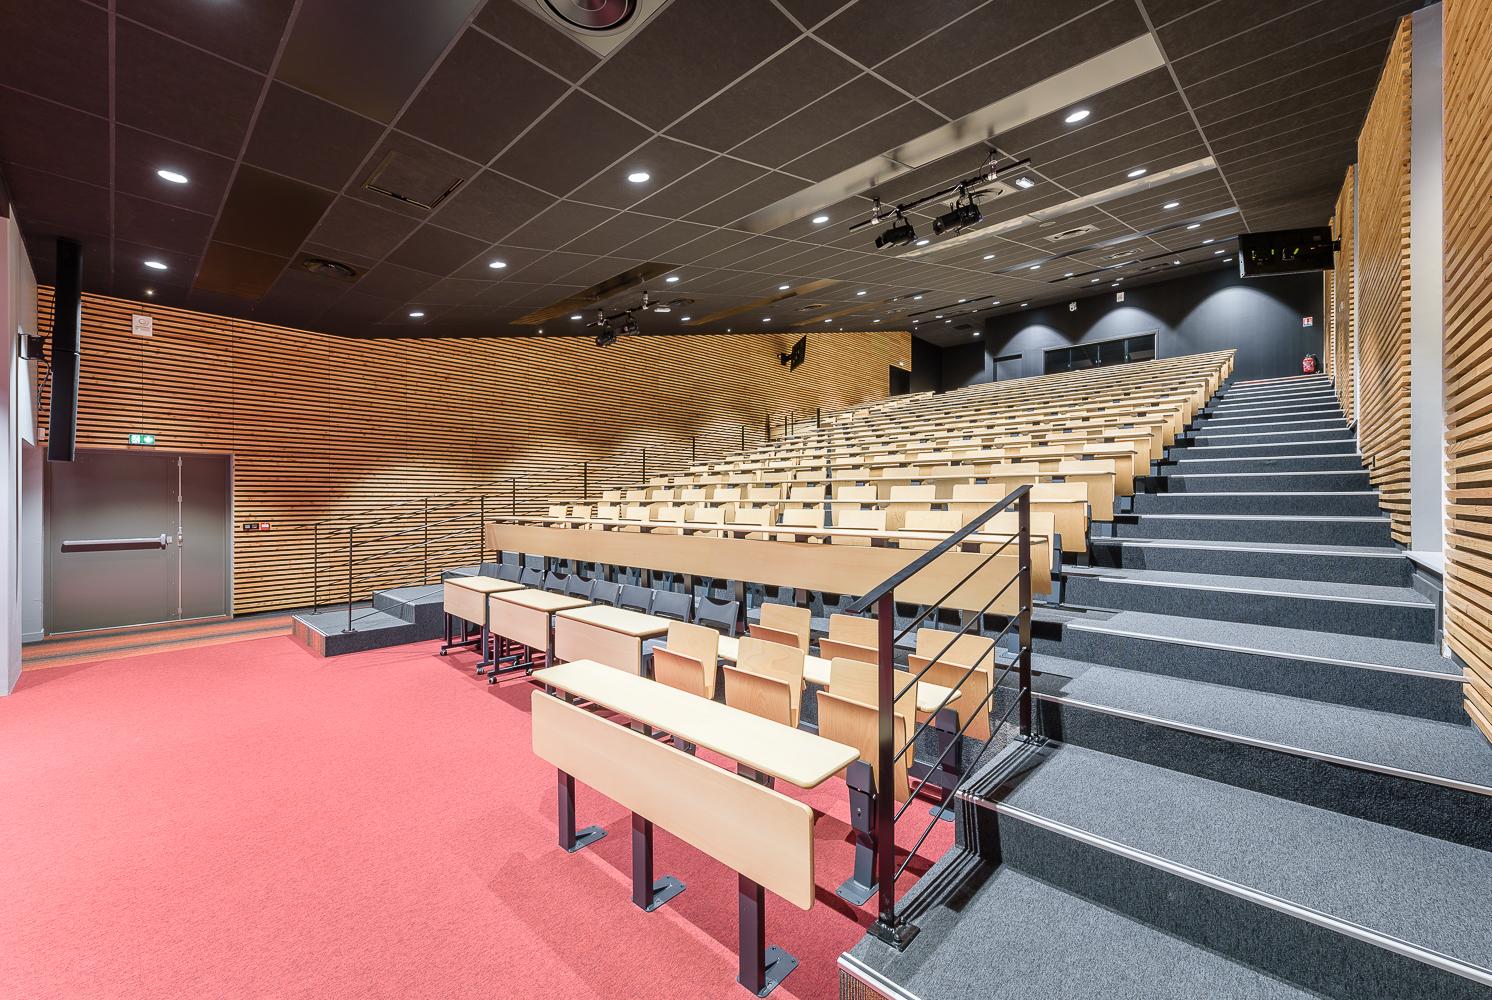 photographe d'architecture ©INTERVALphoto : Lefort Claire architecte, amphithéâtre lycée J. d'Arc, Rennes (35)